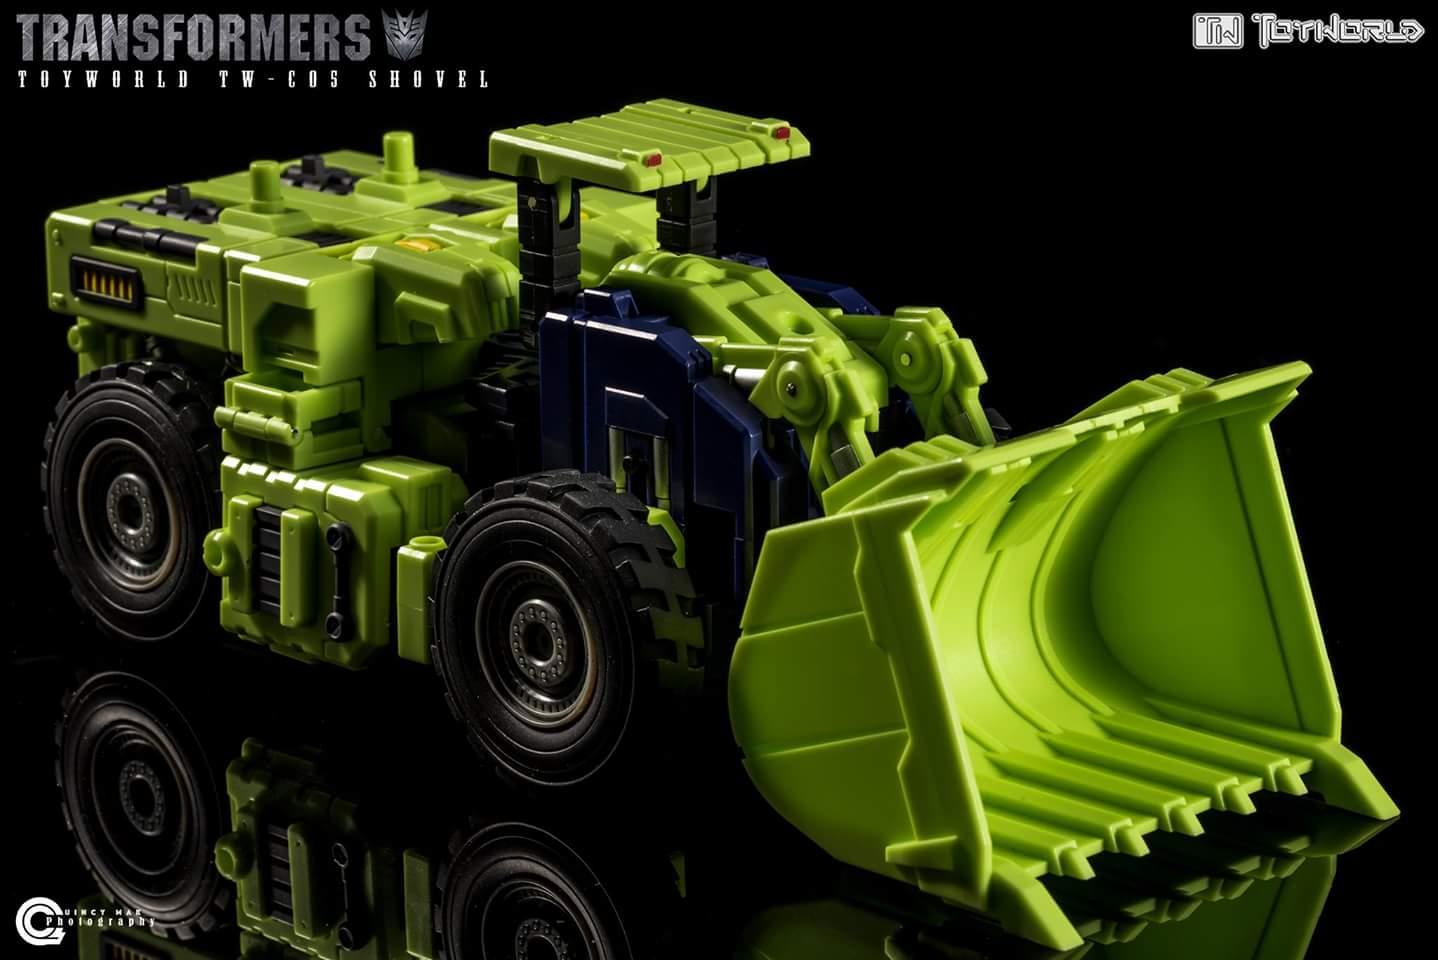 [Toyworld] Produit Tiers - Jouet TW-C Constructor aka Devastator/Dévastateur (Version vert G1 et jaune G2) - Page 4 IXZxr0XY